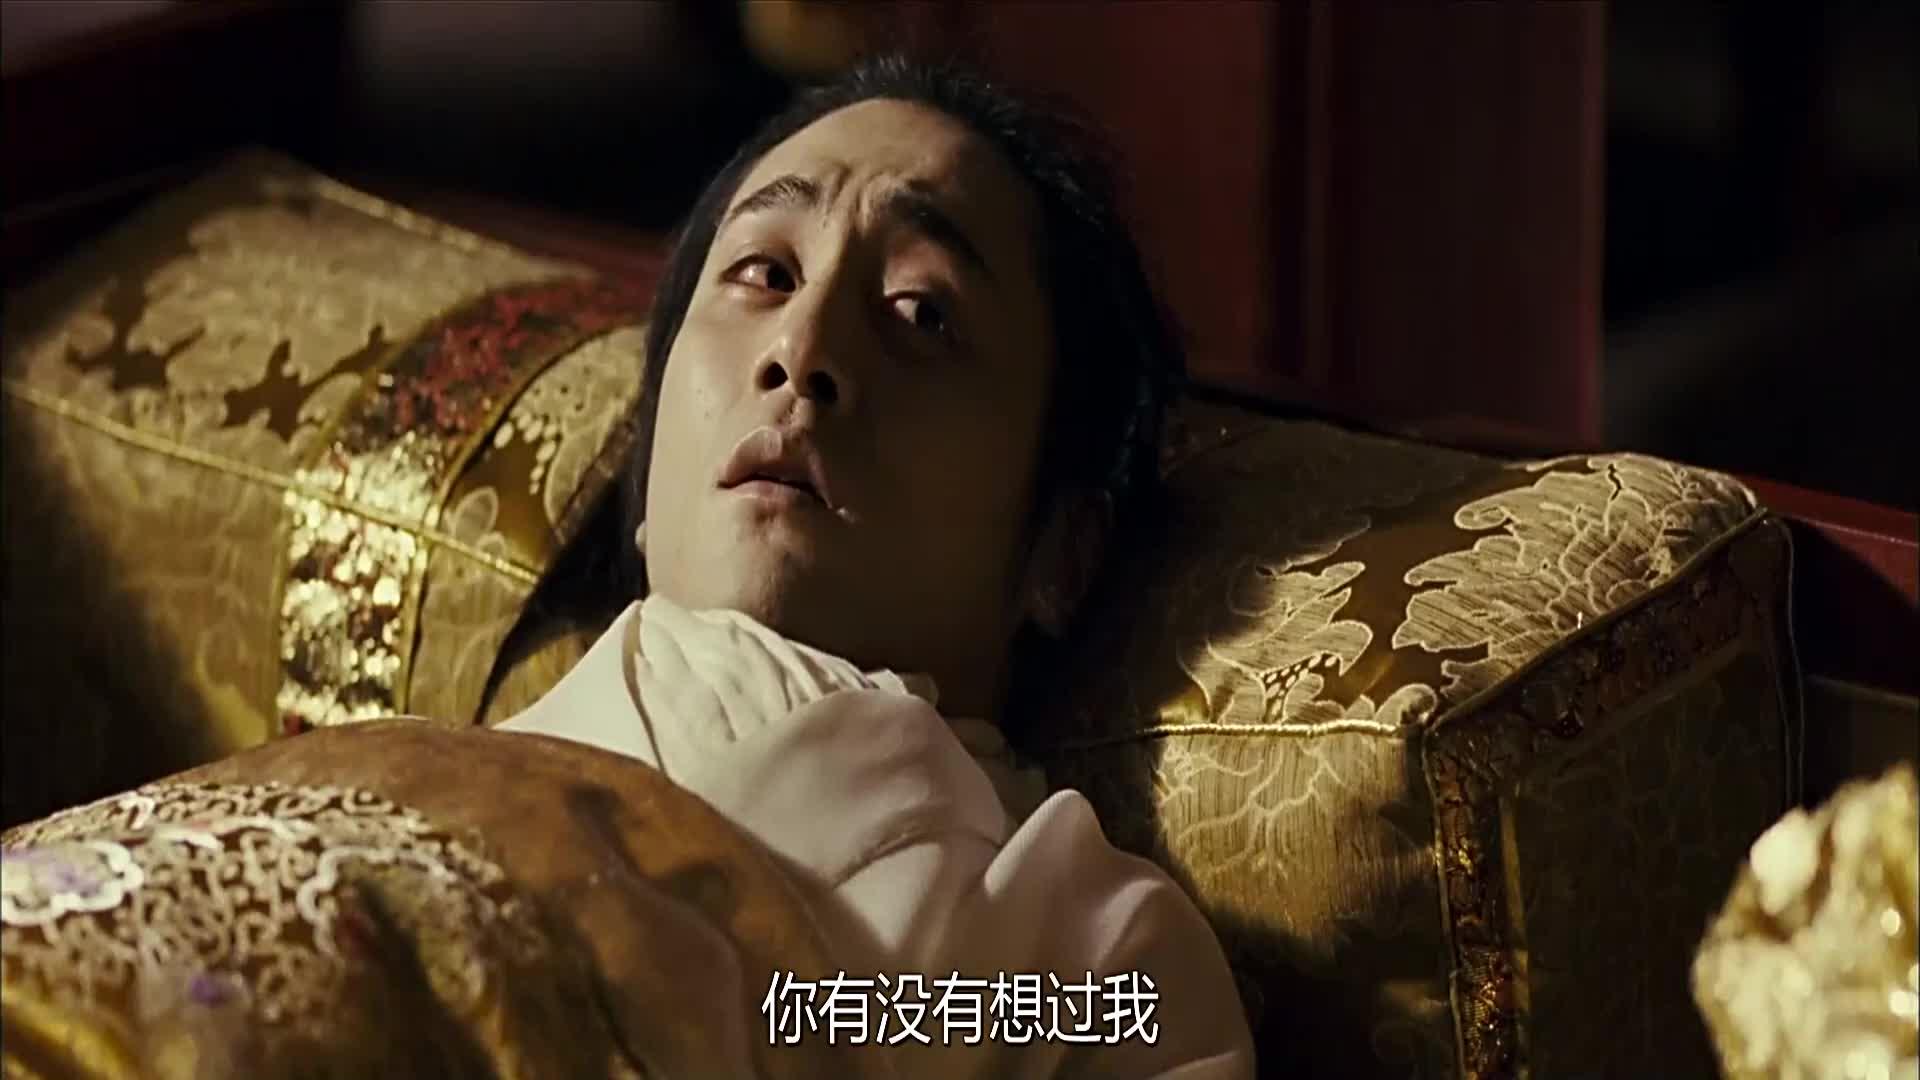 #满城尽带黄金甲#周润发演国王有多霸气?我都怕刘烨一不小心被吓死